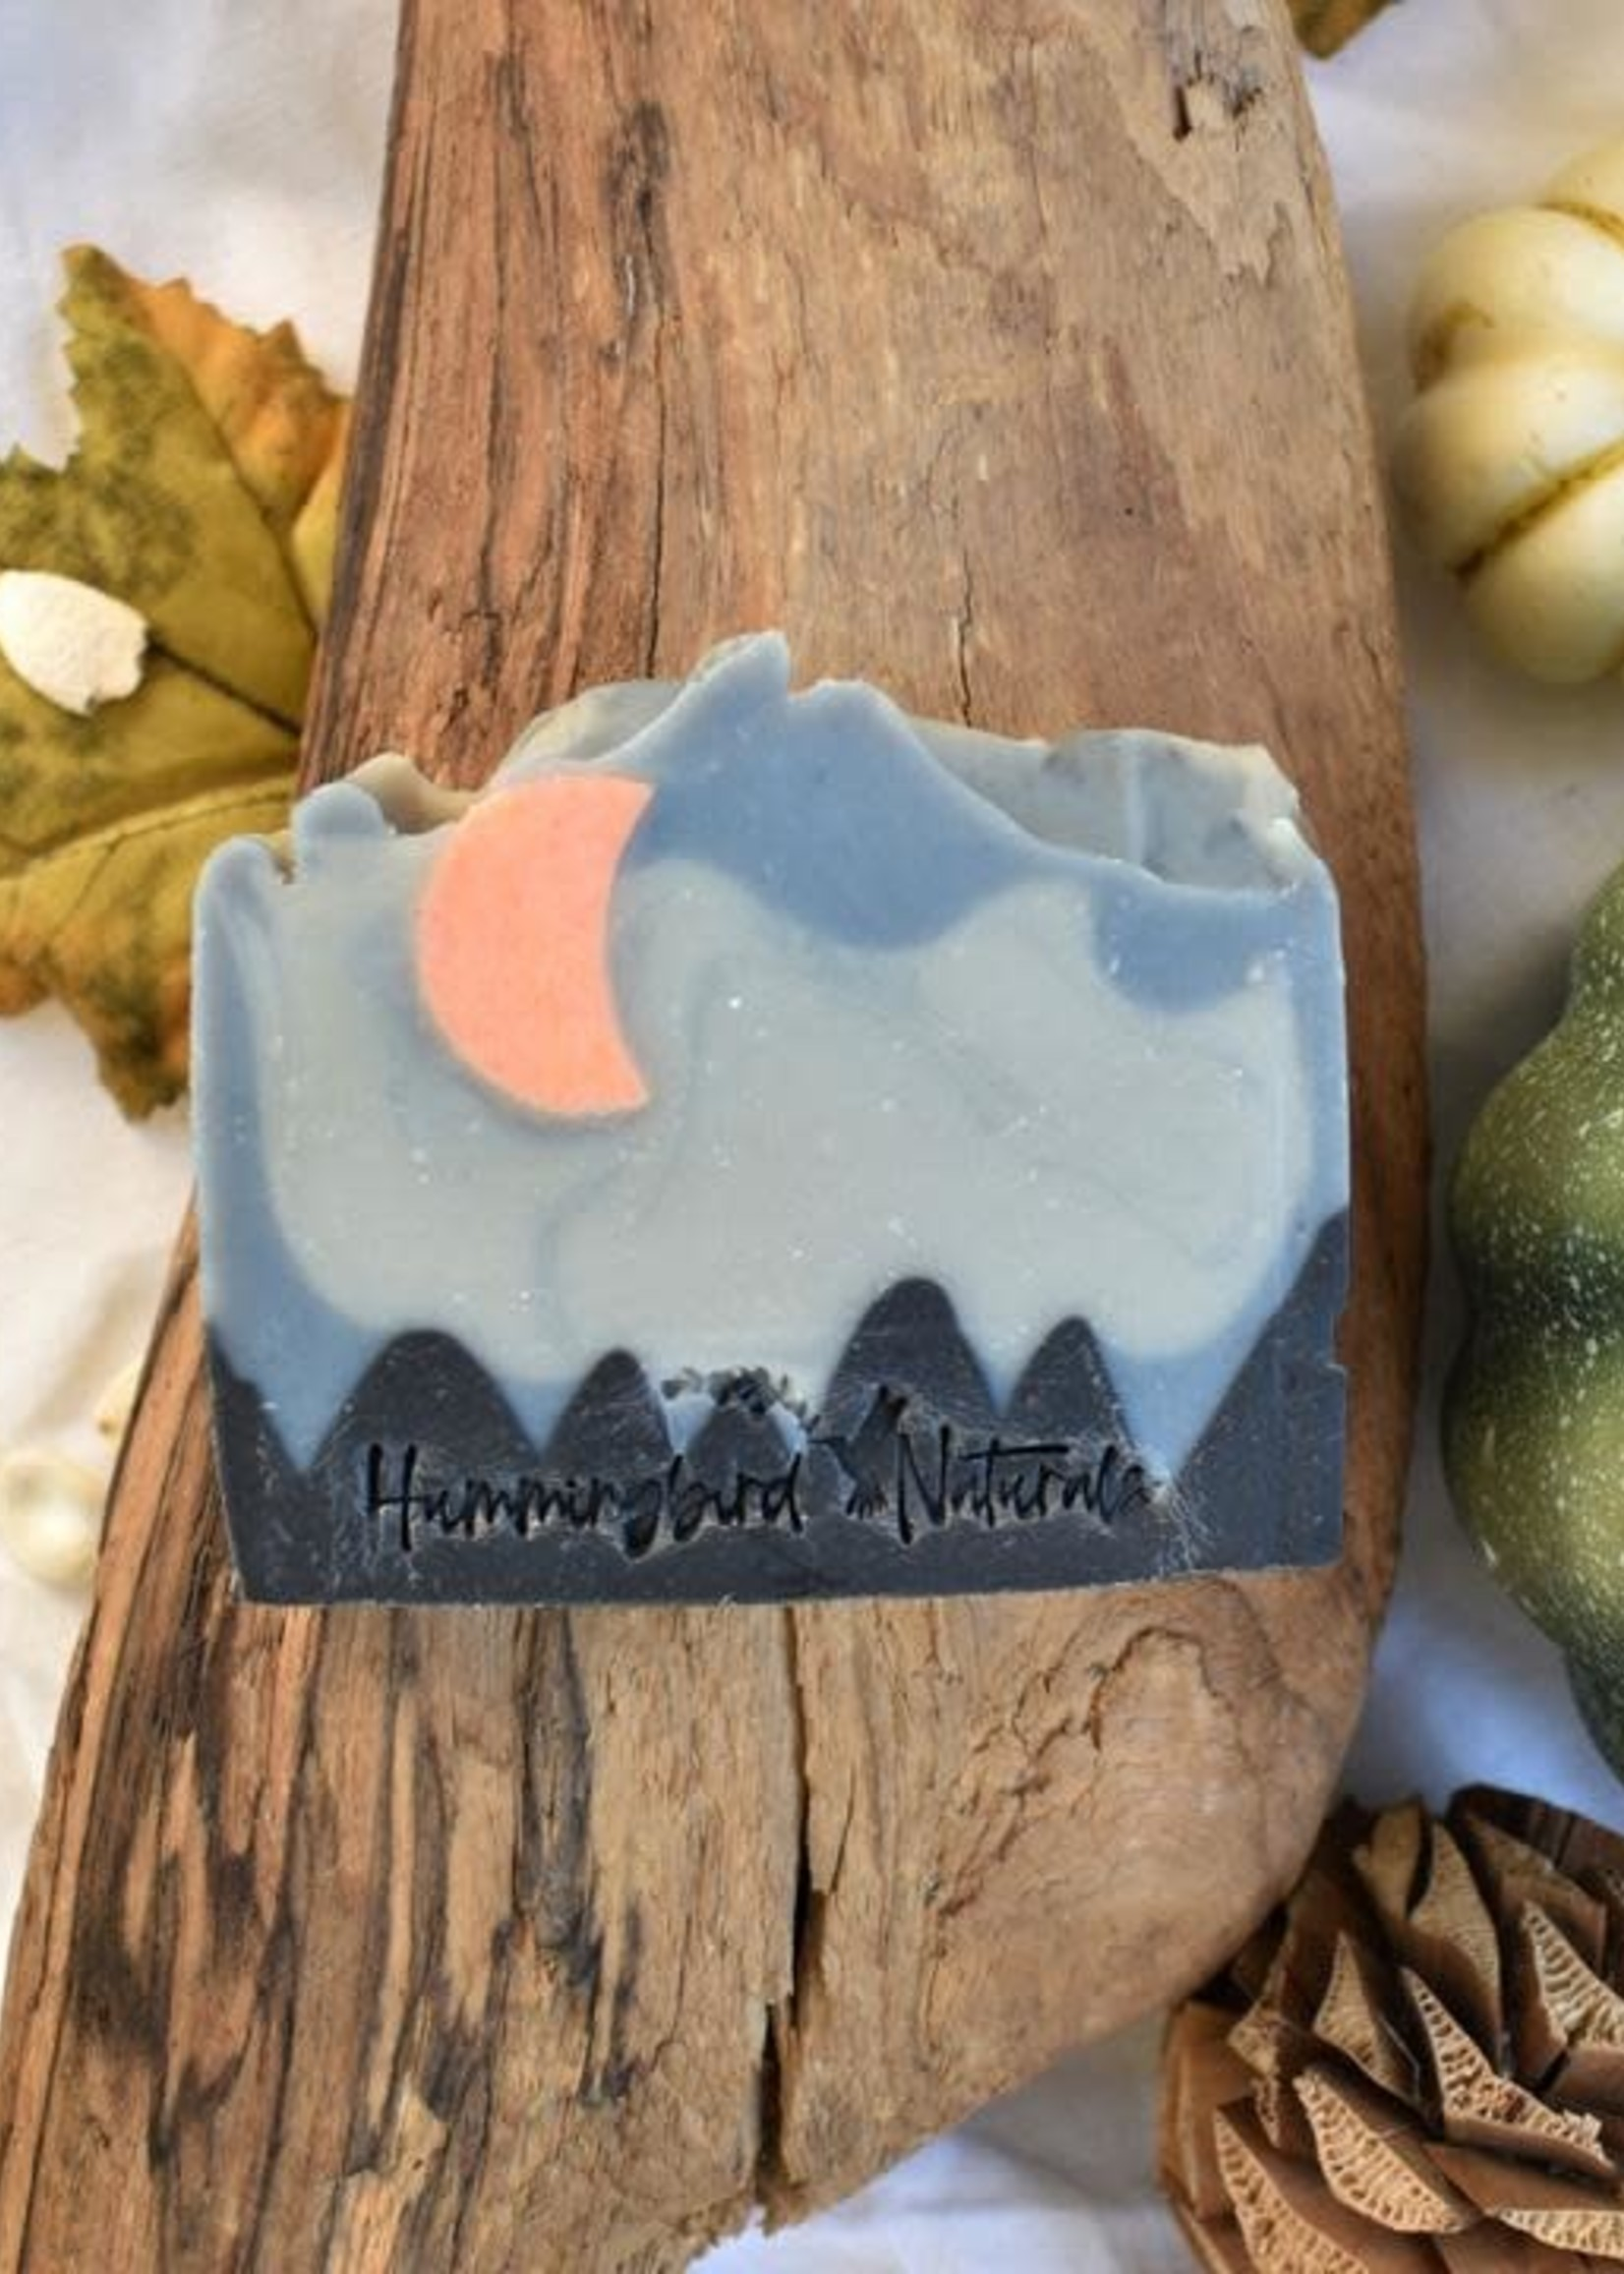 Hummingbird Naturals Harvest Moon Soap